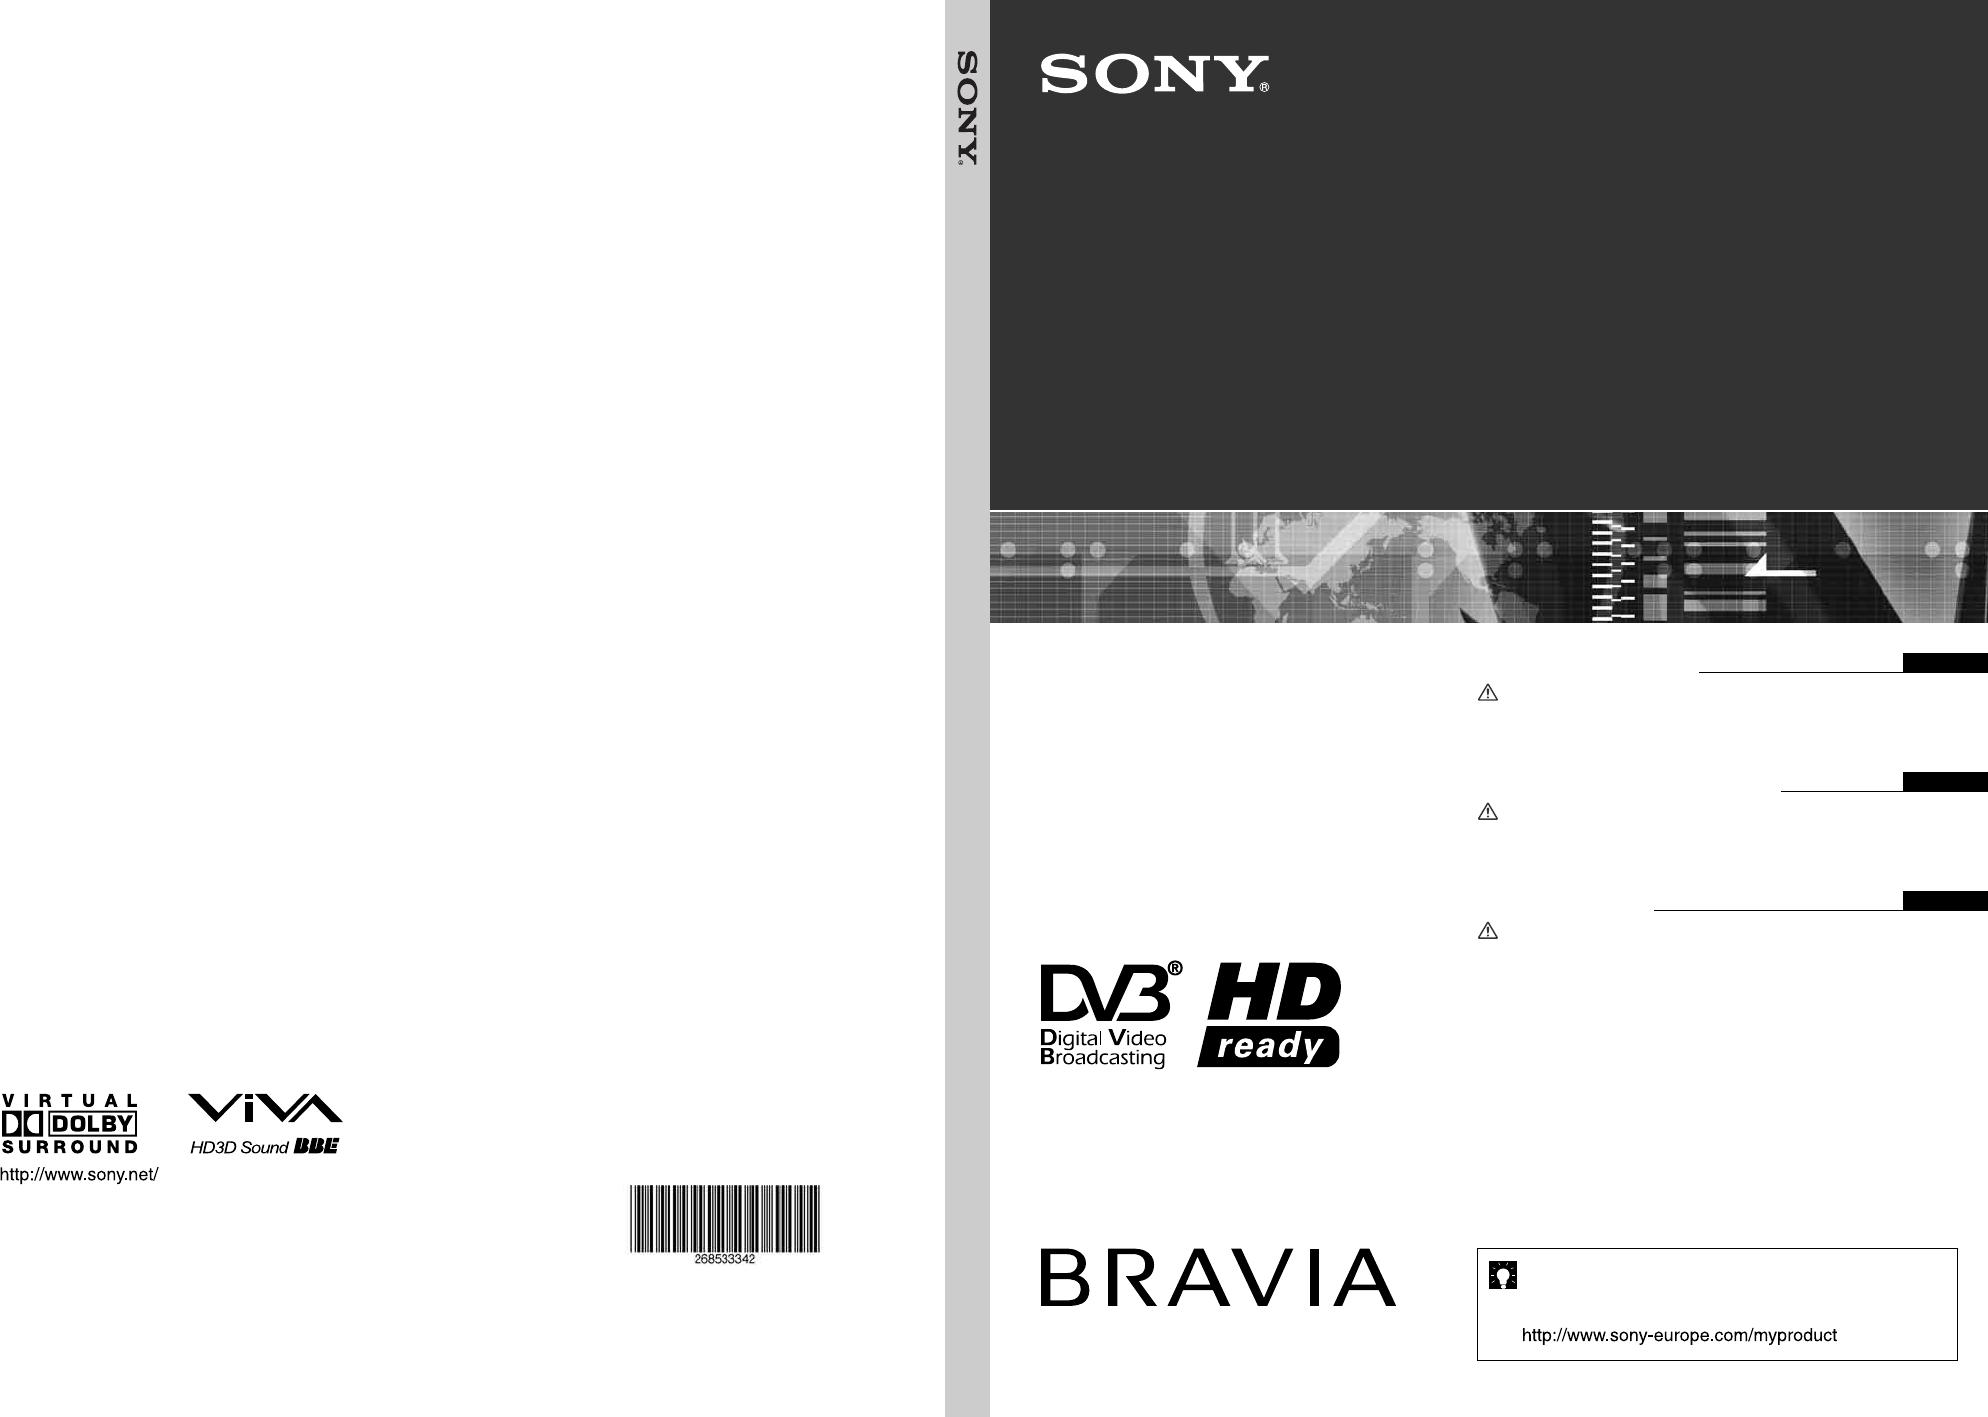 sony barcode reader kdl 20s2000 user guide manualsonline com rh office manualsonline com Sony Operating Manuals Sony Operating Manuals